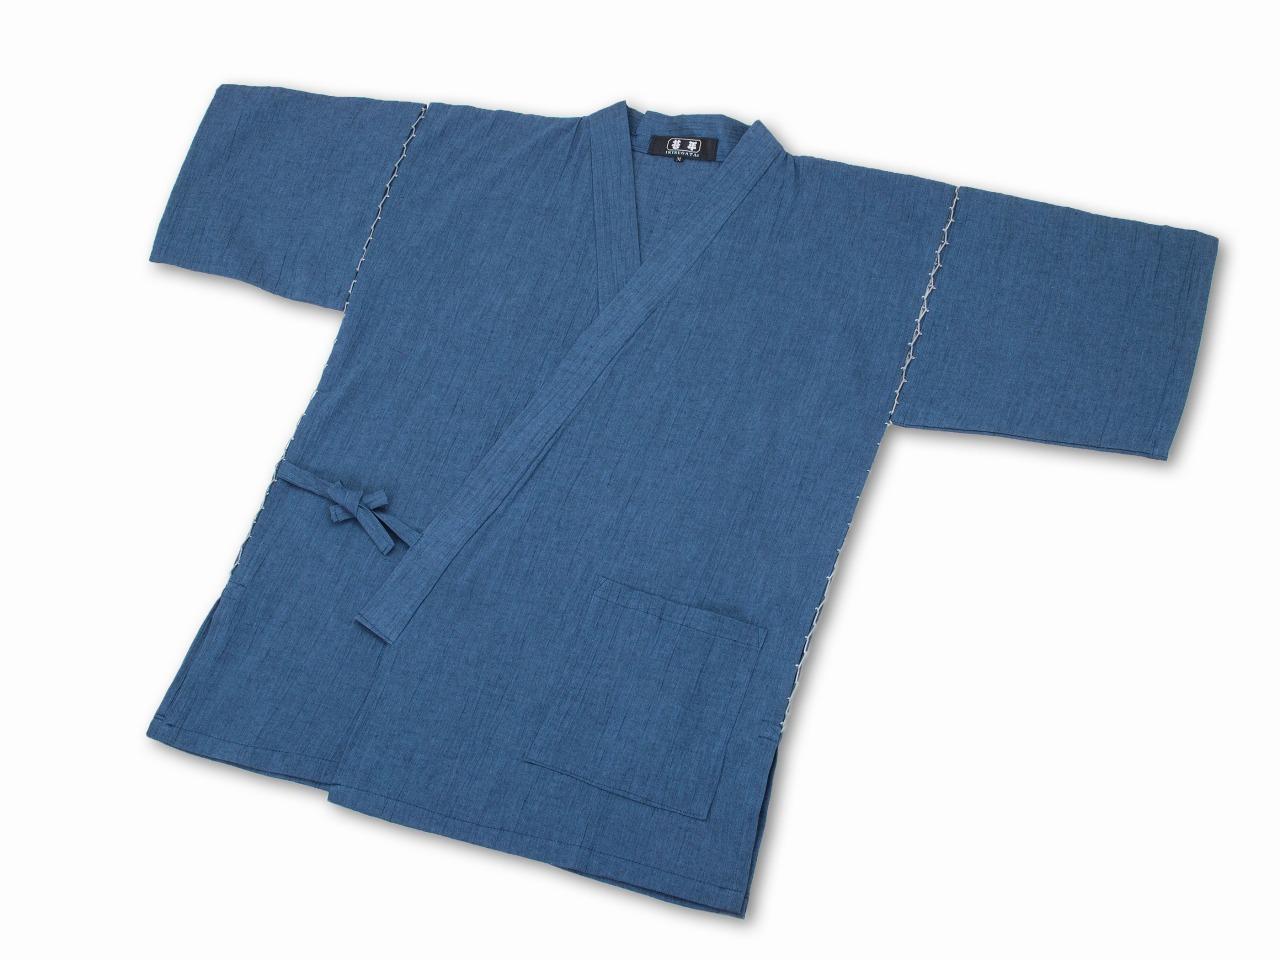 綿麻楊柳甚平(日本製) 中紺 上着